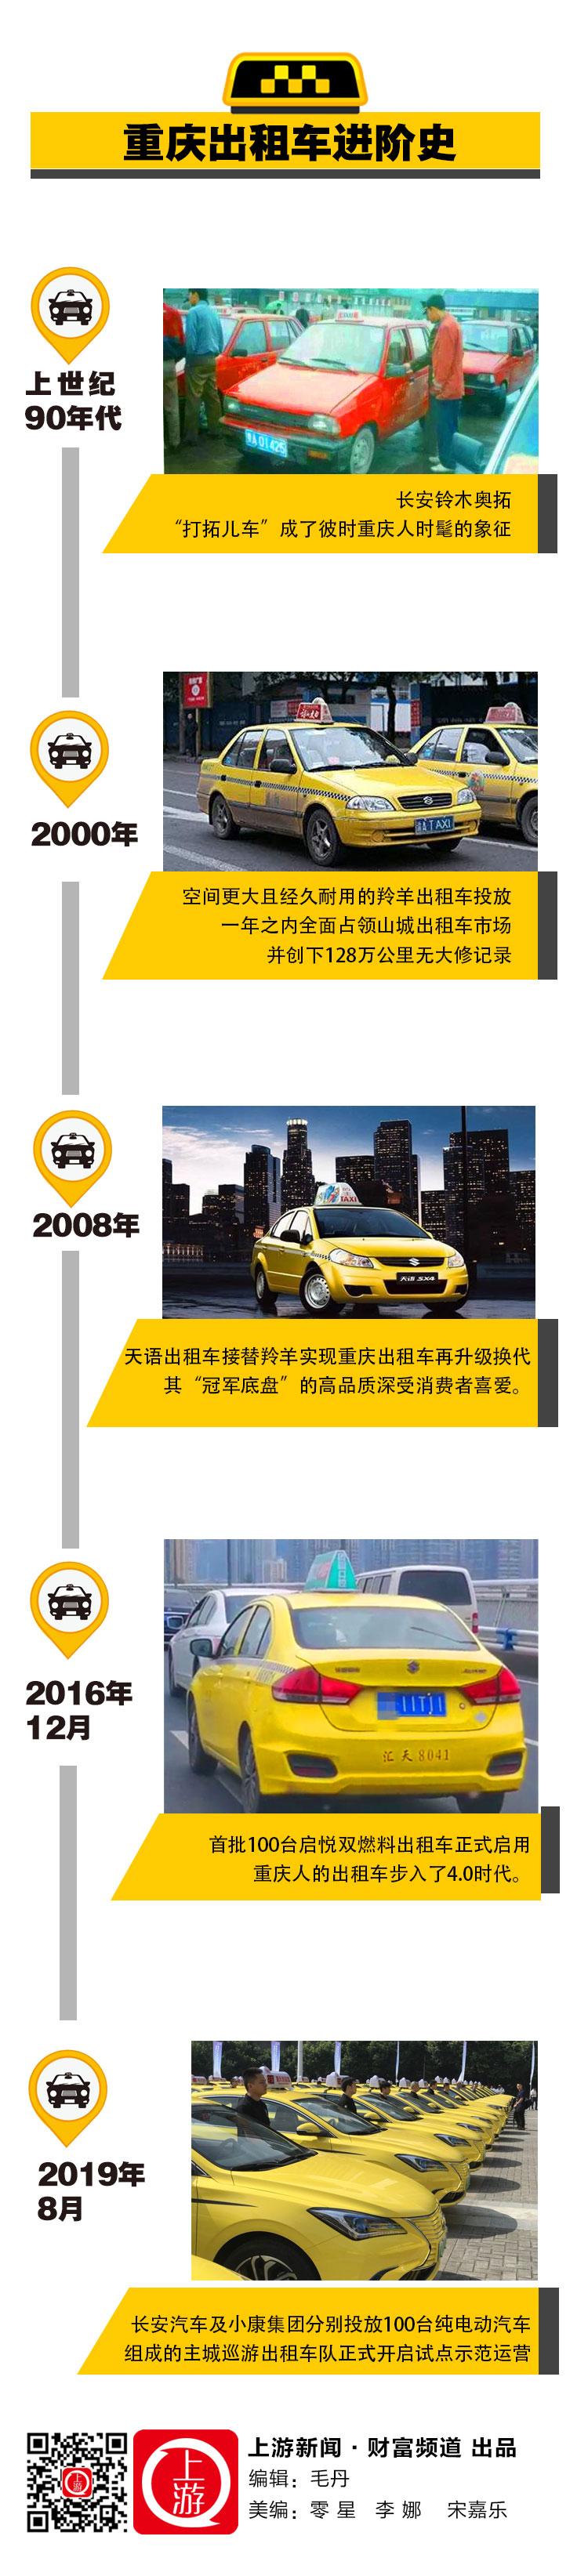 出租车001.jpg